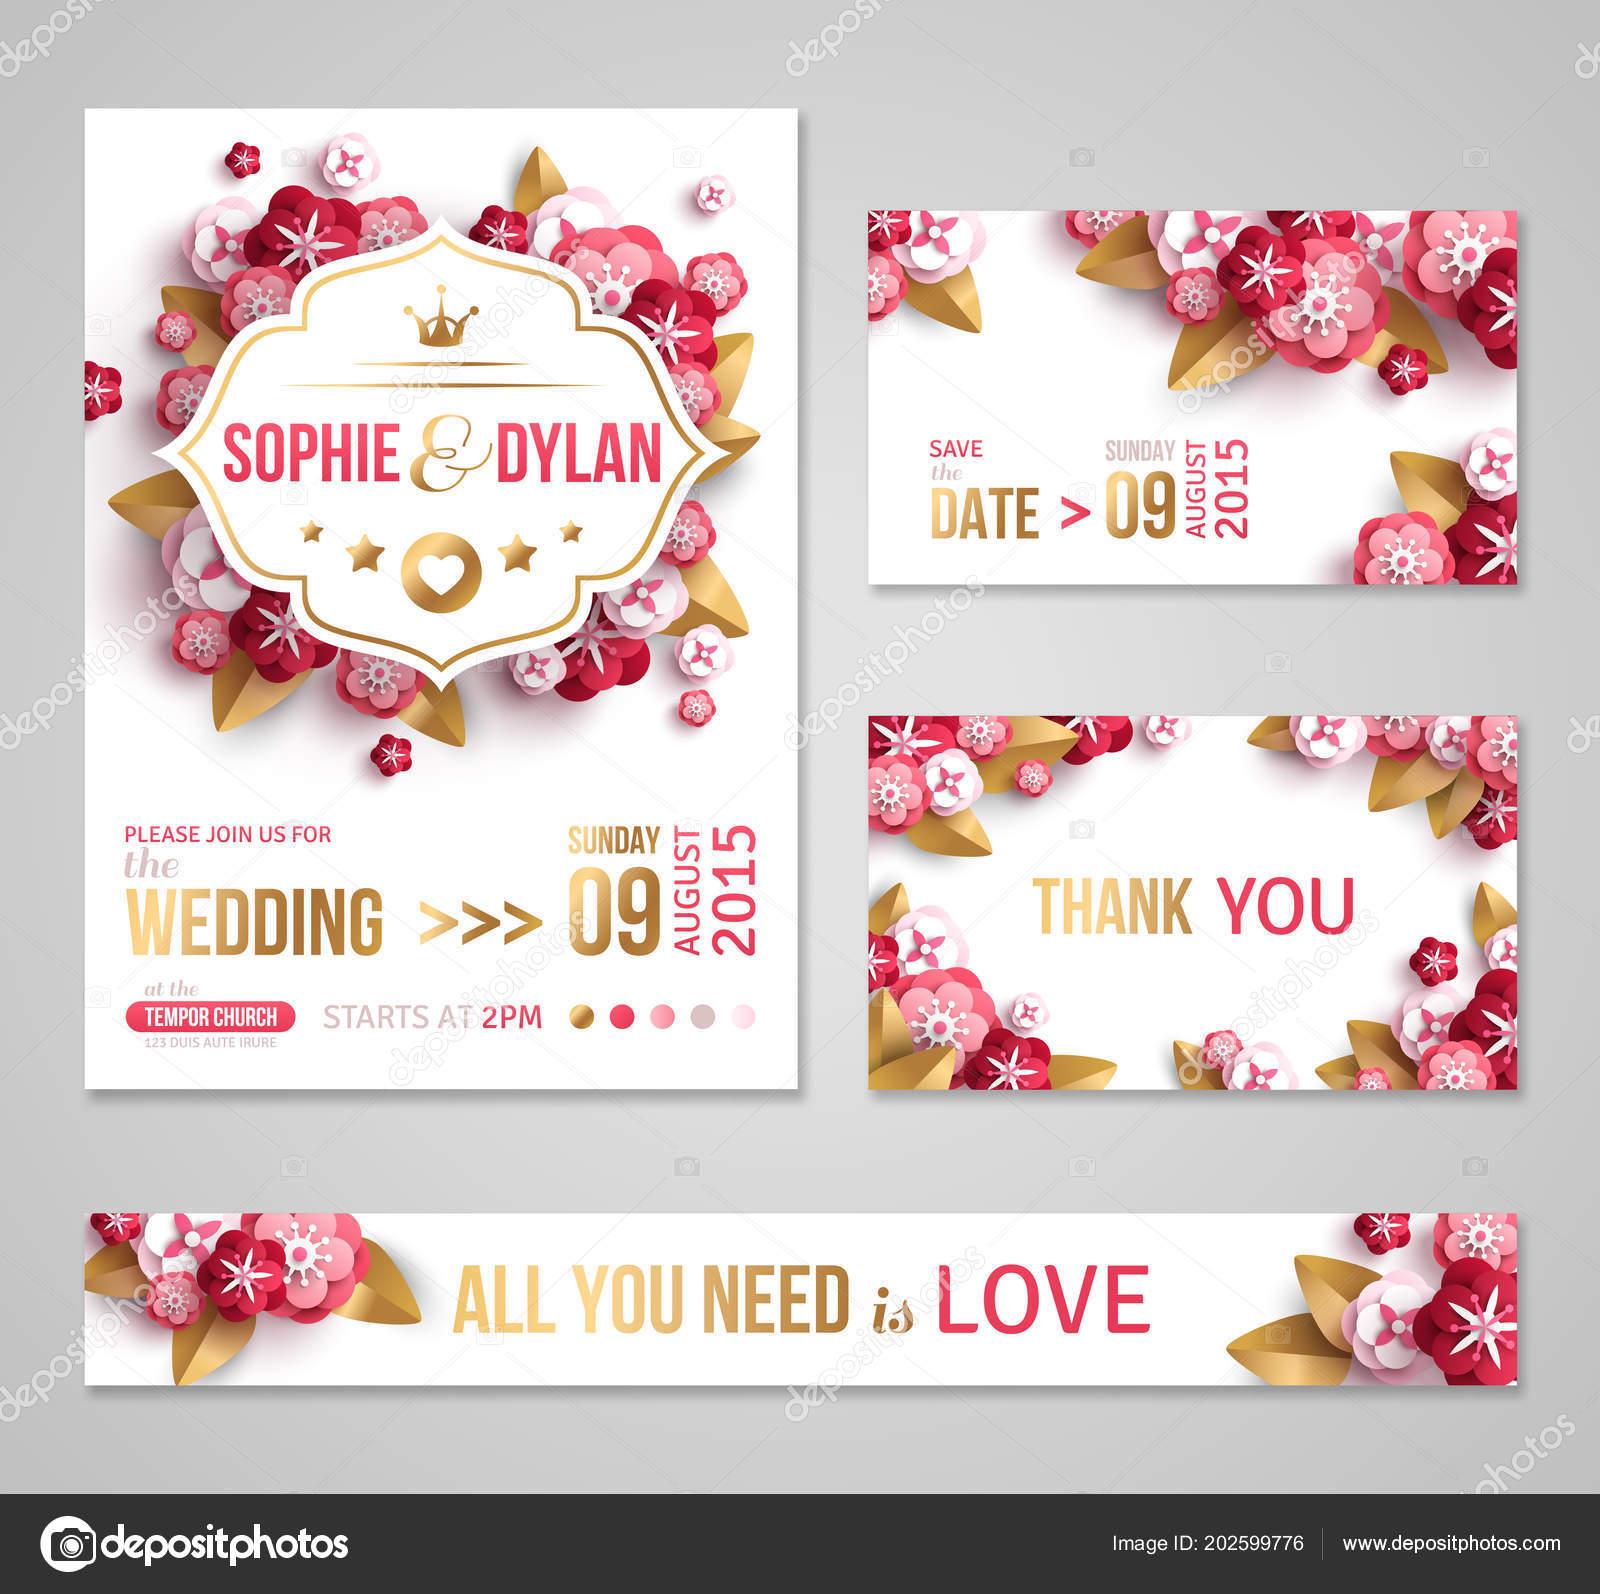 eksempler på gode første meddelelser til online dating